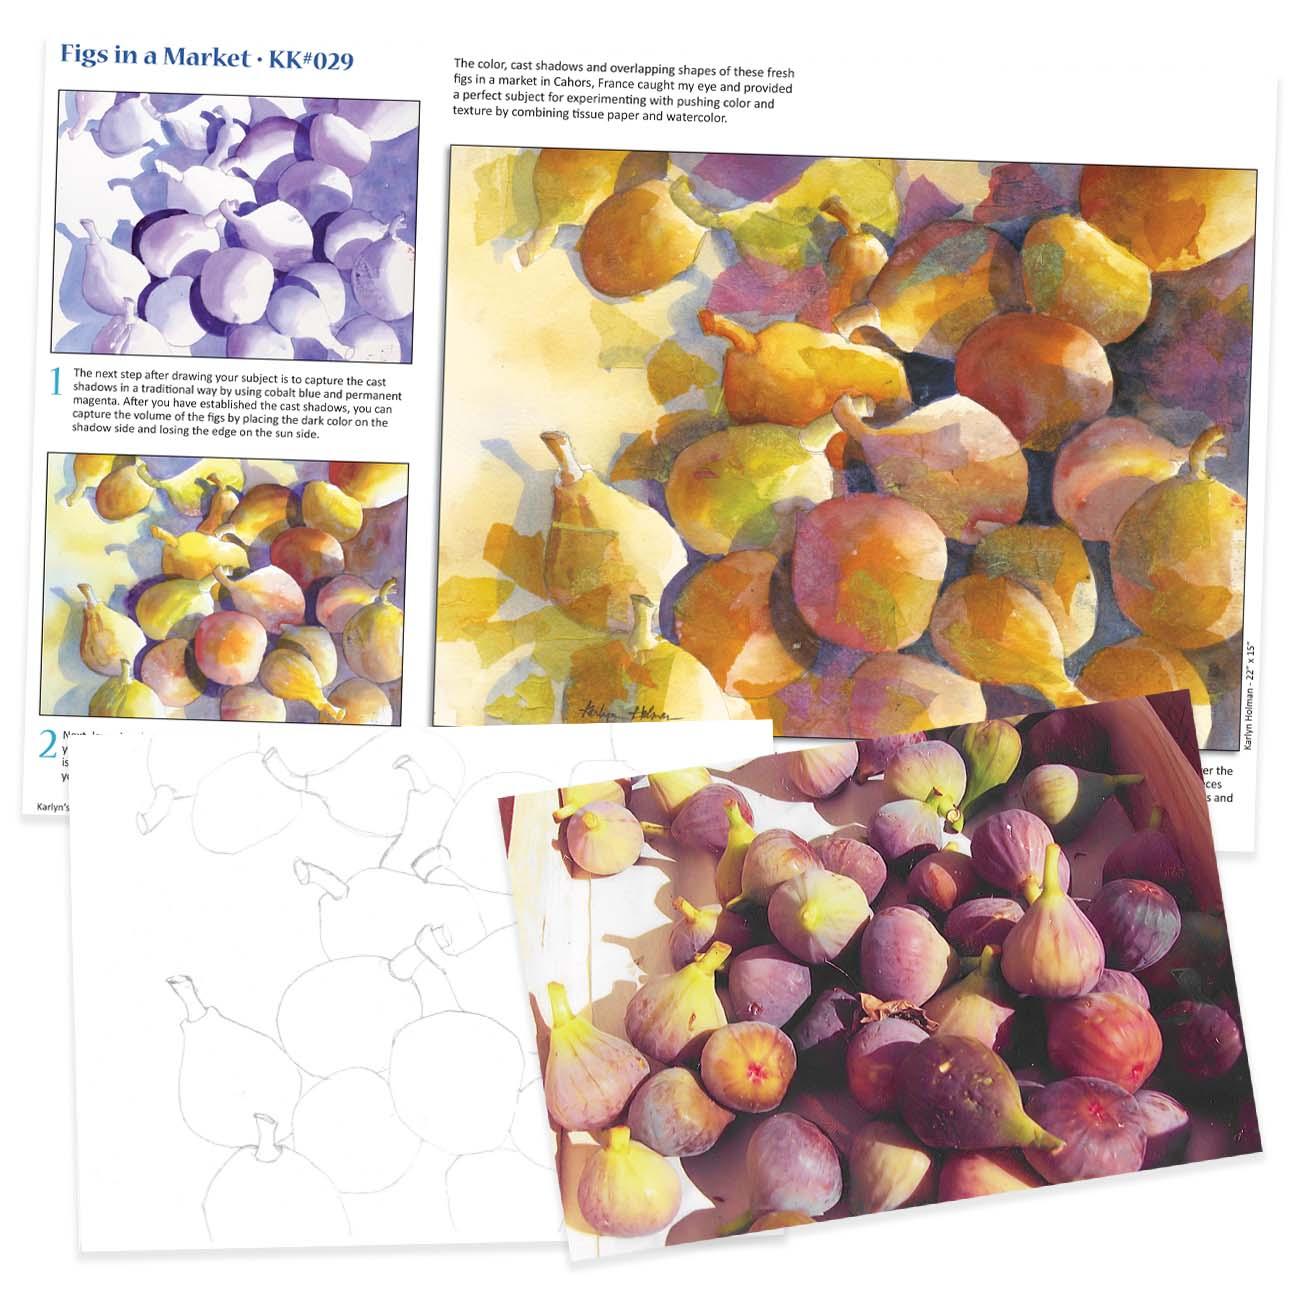 KK029 Figs in a Market